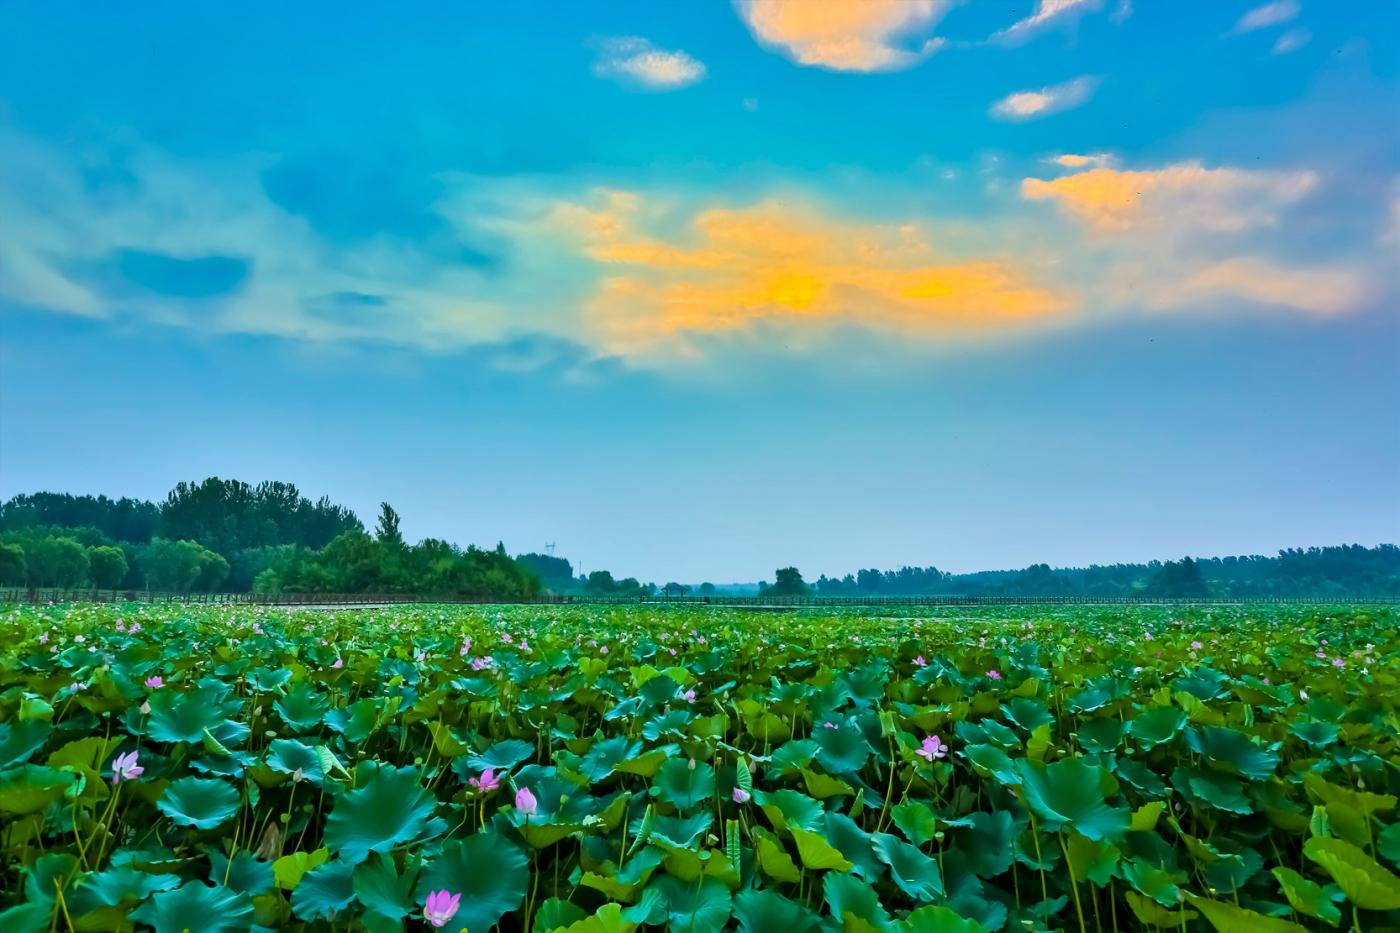 早晨的祥云印照下的临沂黄山武河湿地红荷园_图1-1